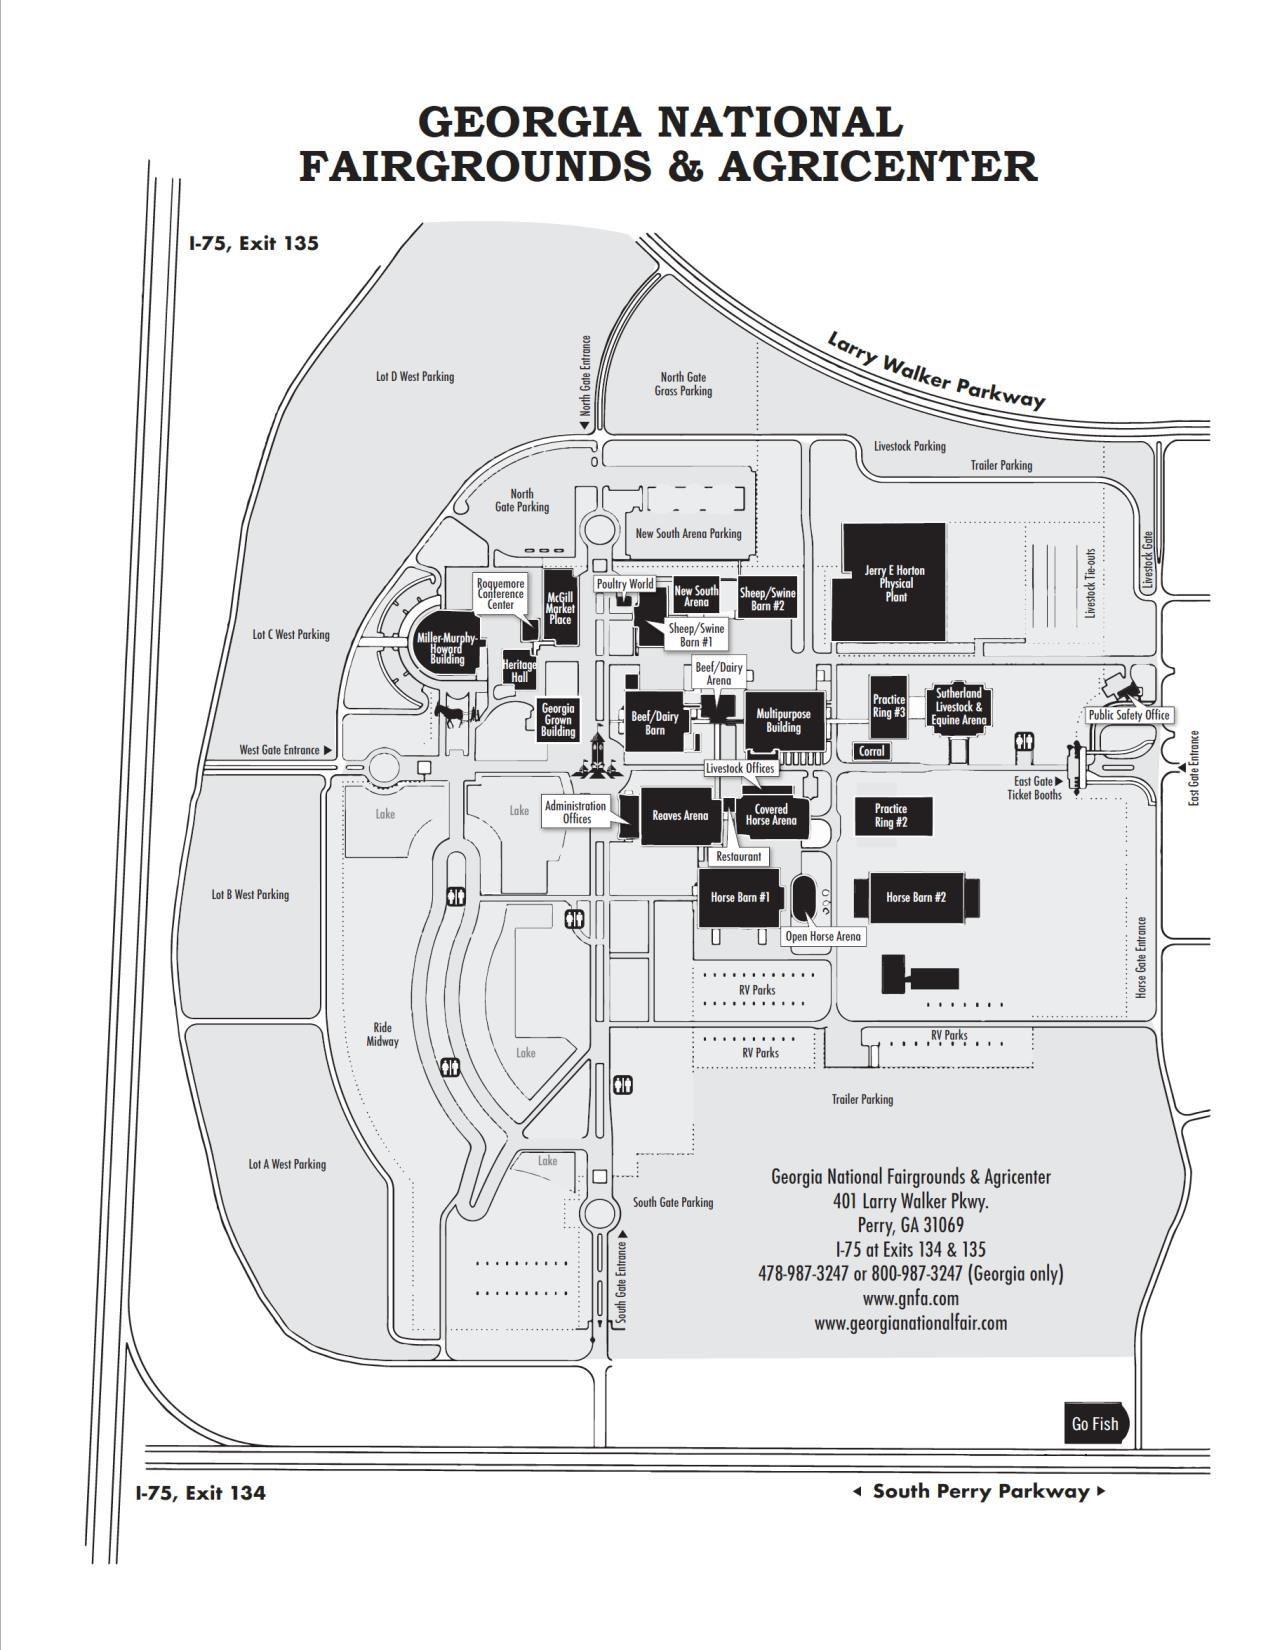 GNFA Map